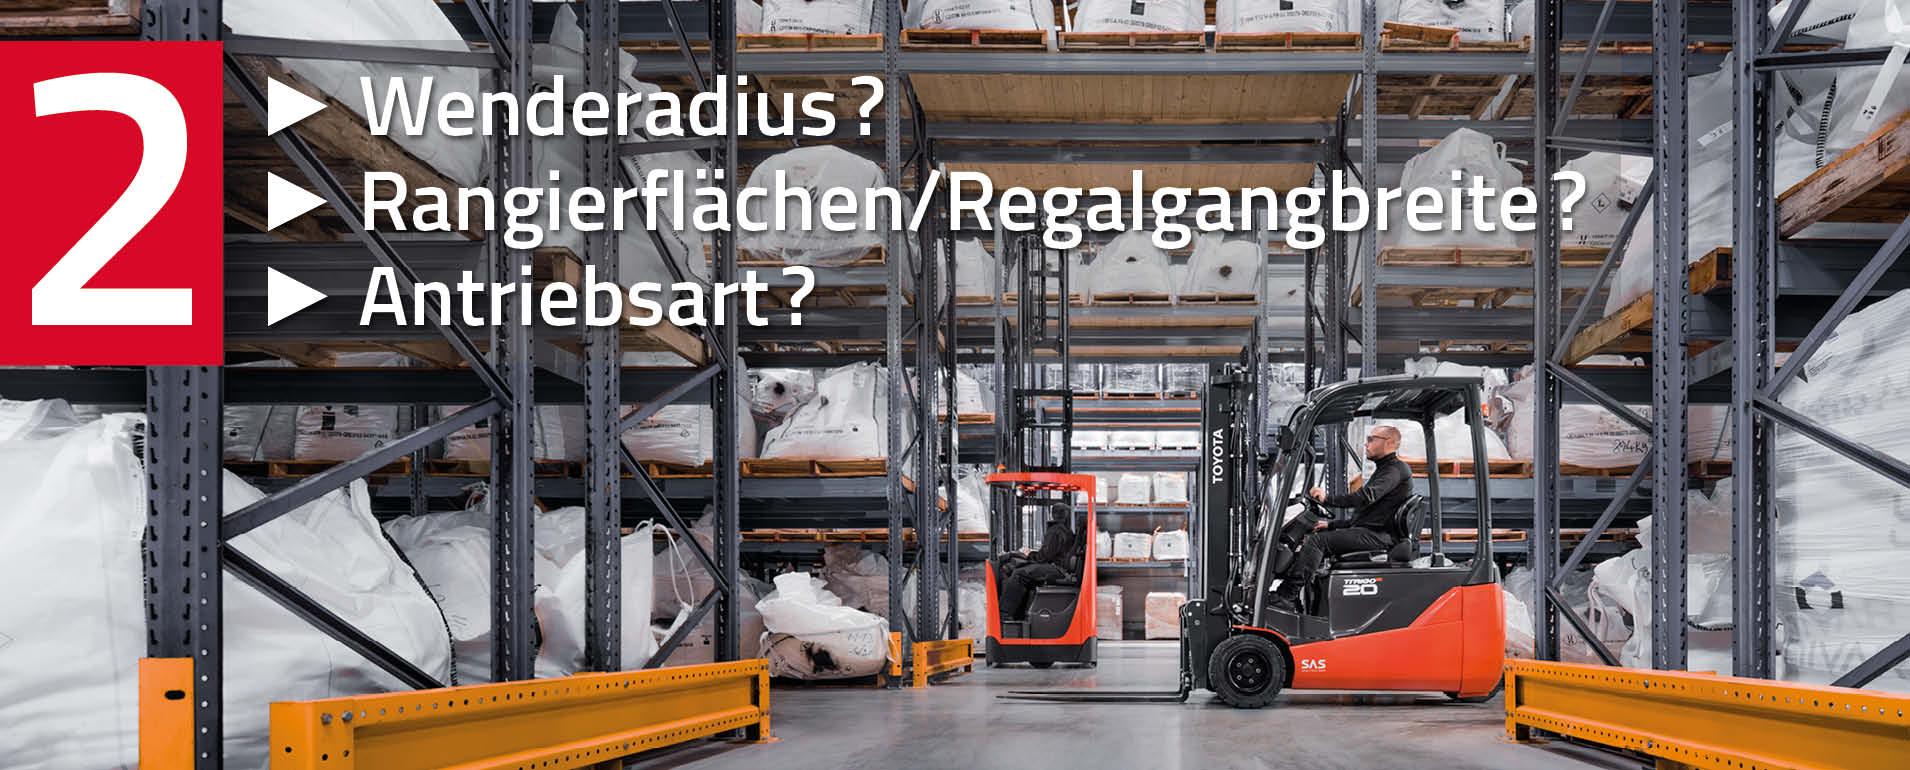 Toyota-Gabelstapler-ITL Lagertechnik Blog 5 Schritte zum perfekten Gabelstapler Hubwagen Flurfoerderzeug Beratung Unterstuetzung Tipps 3